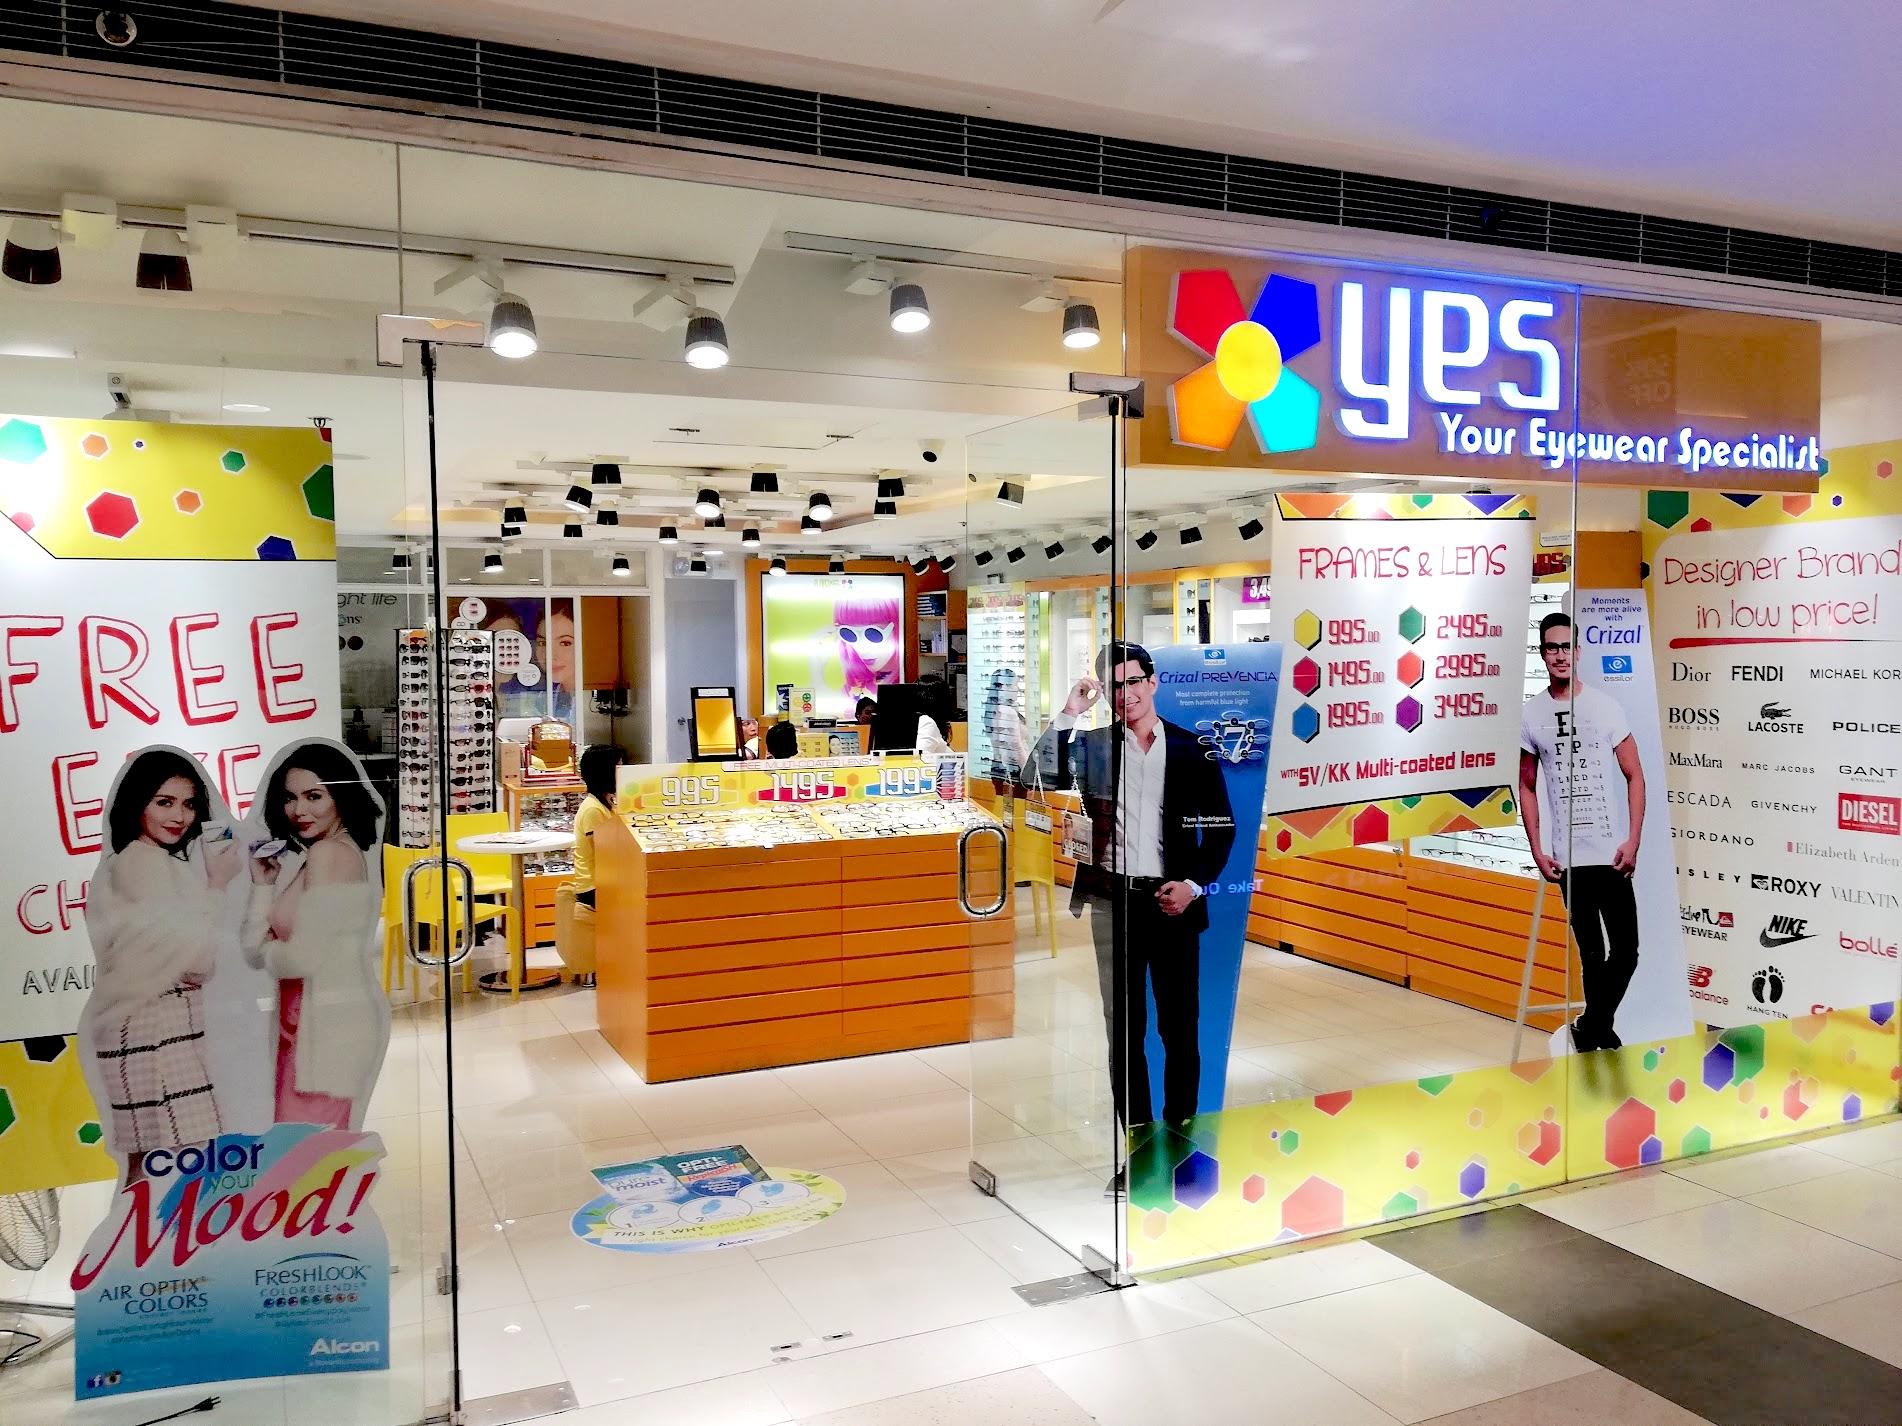 【最安995ペソ〜】フィリピン・セブ市内でメガネ買うならココ!【JINSやZoffみたい】